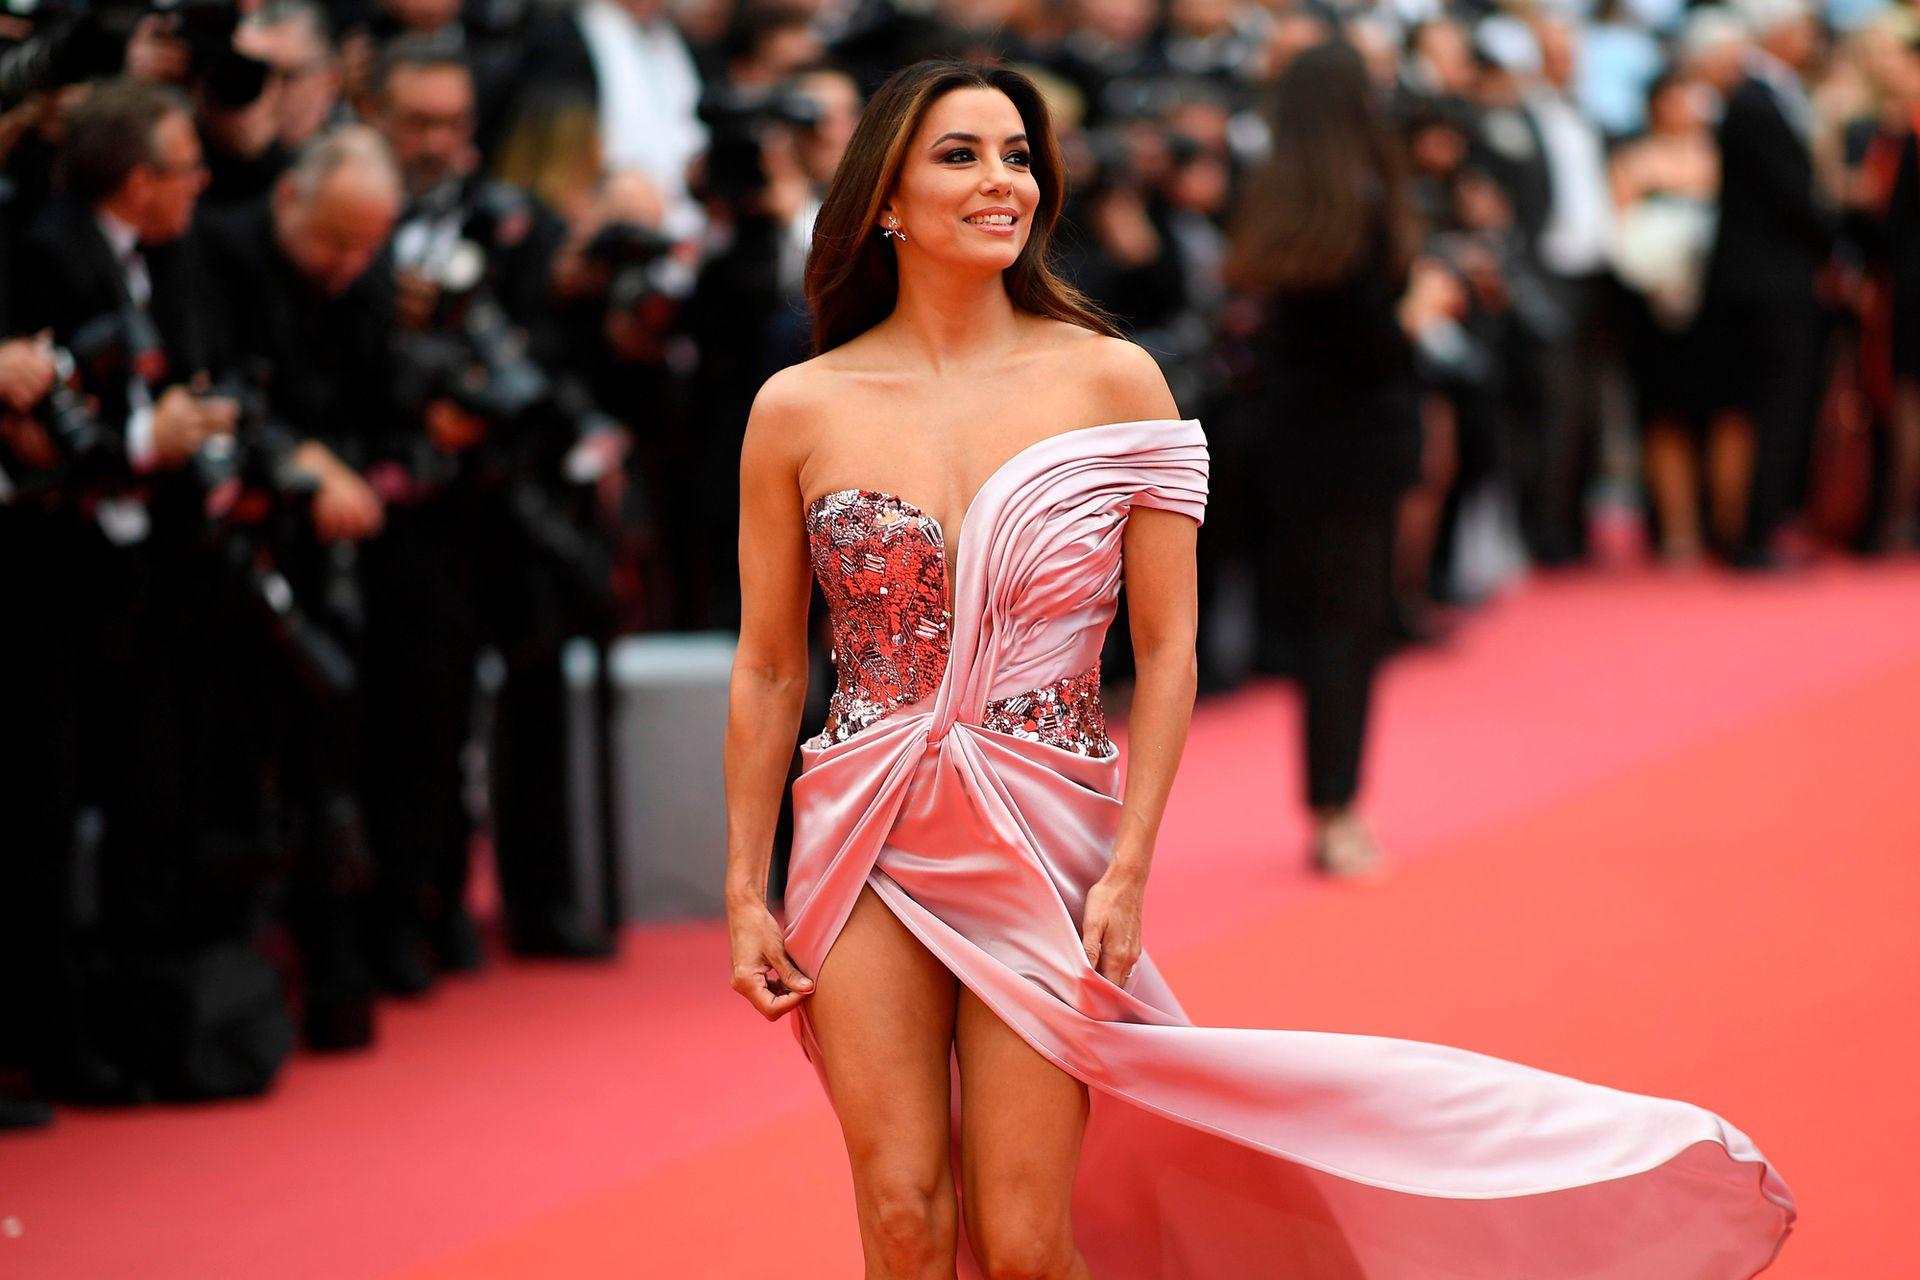 La actriz estadounidense Eva Longoria en la alfombra roja de Cannes